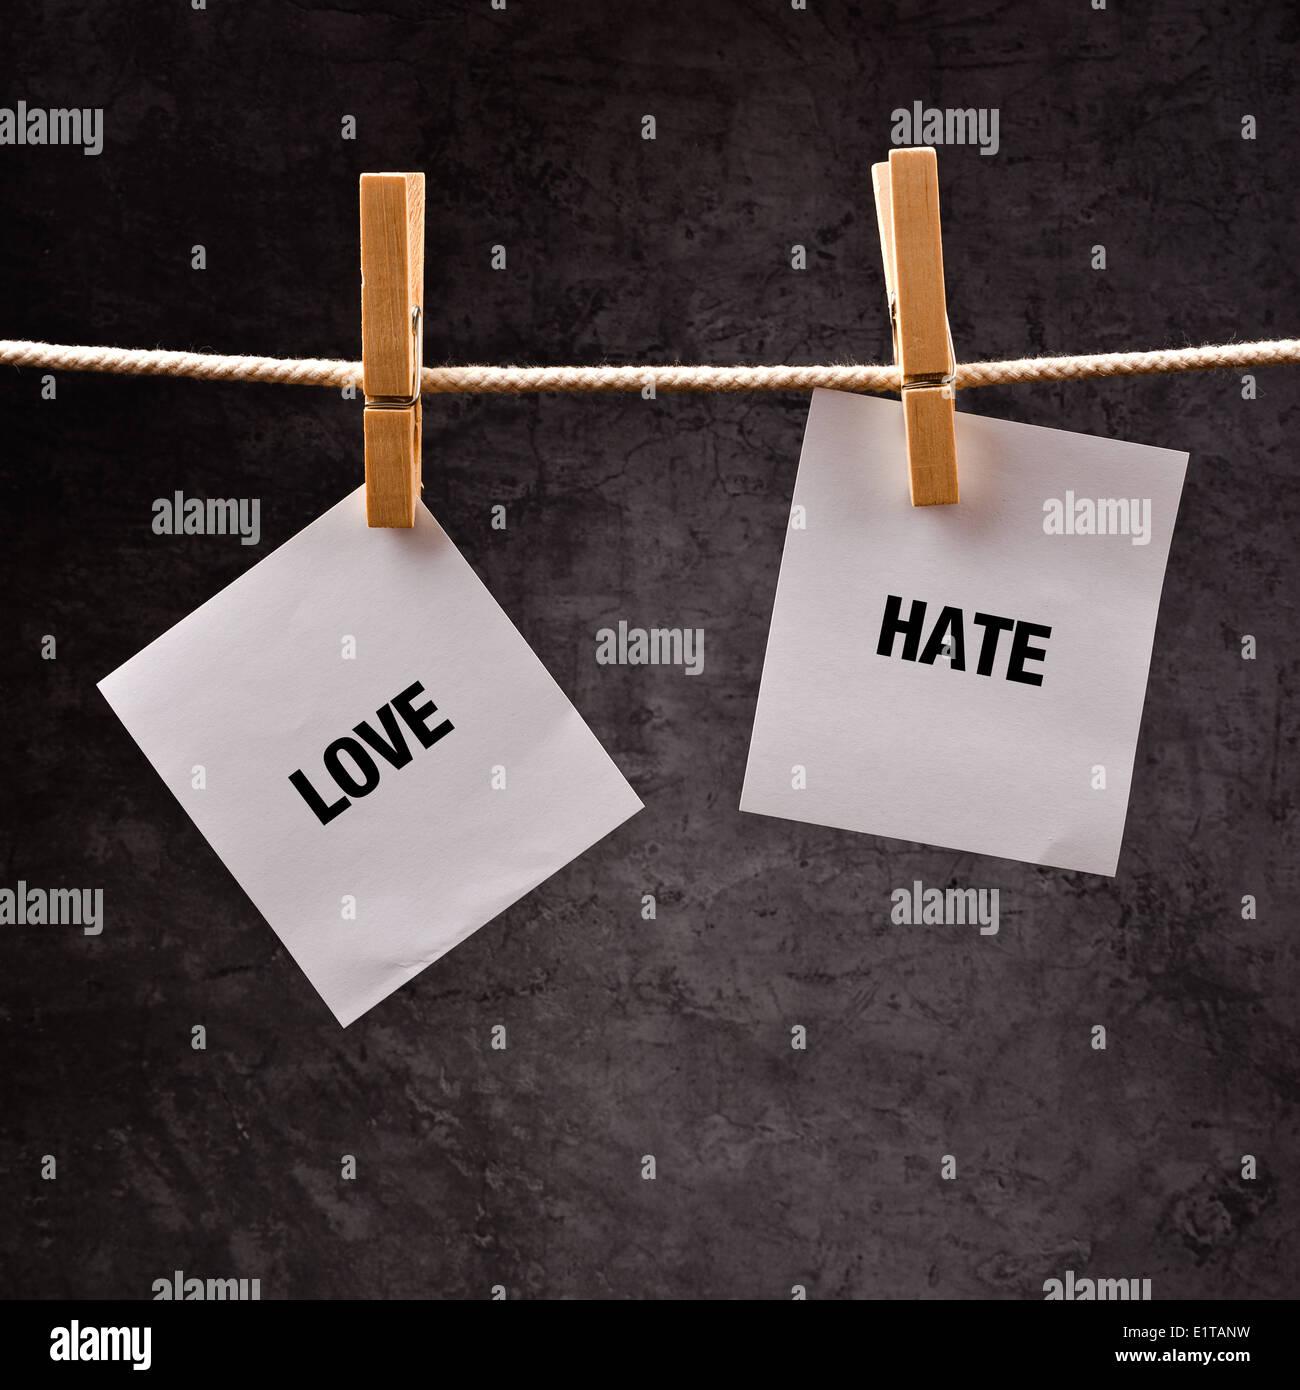 L'amour ou la haine de l'image conceptuelle. Choisir entre aimer et détester, mots imprimés sur Photo Stock